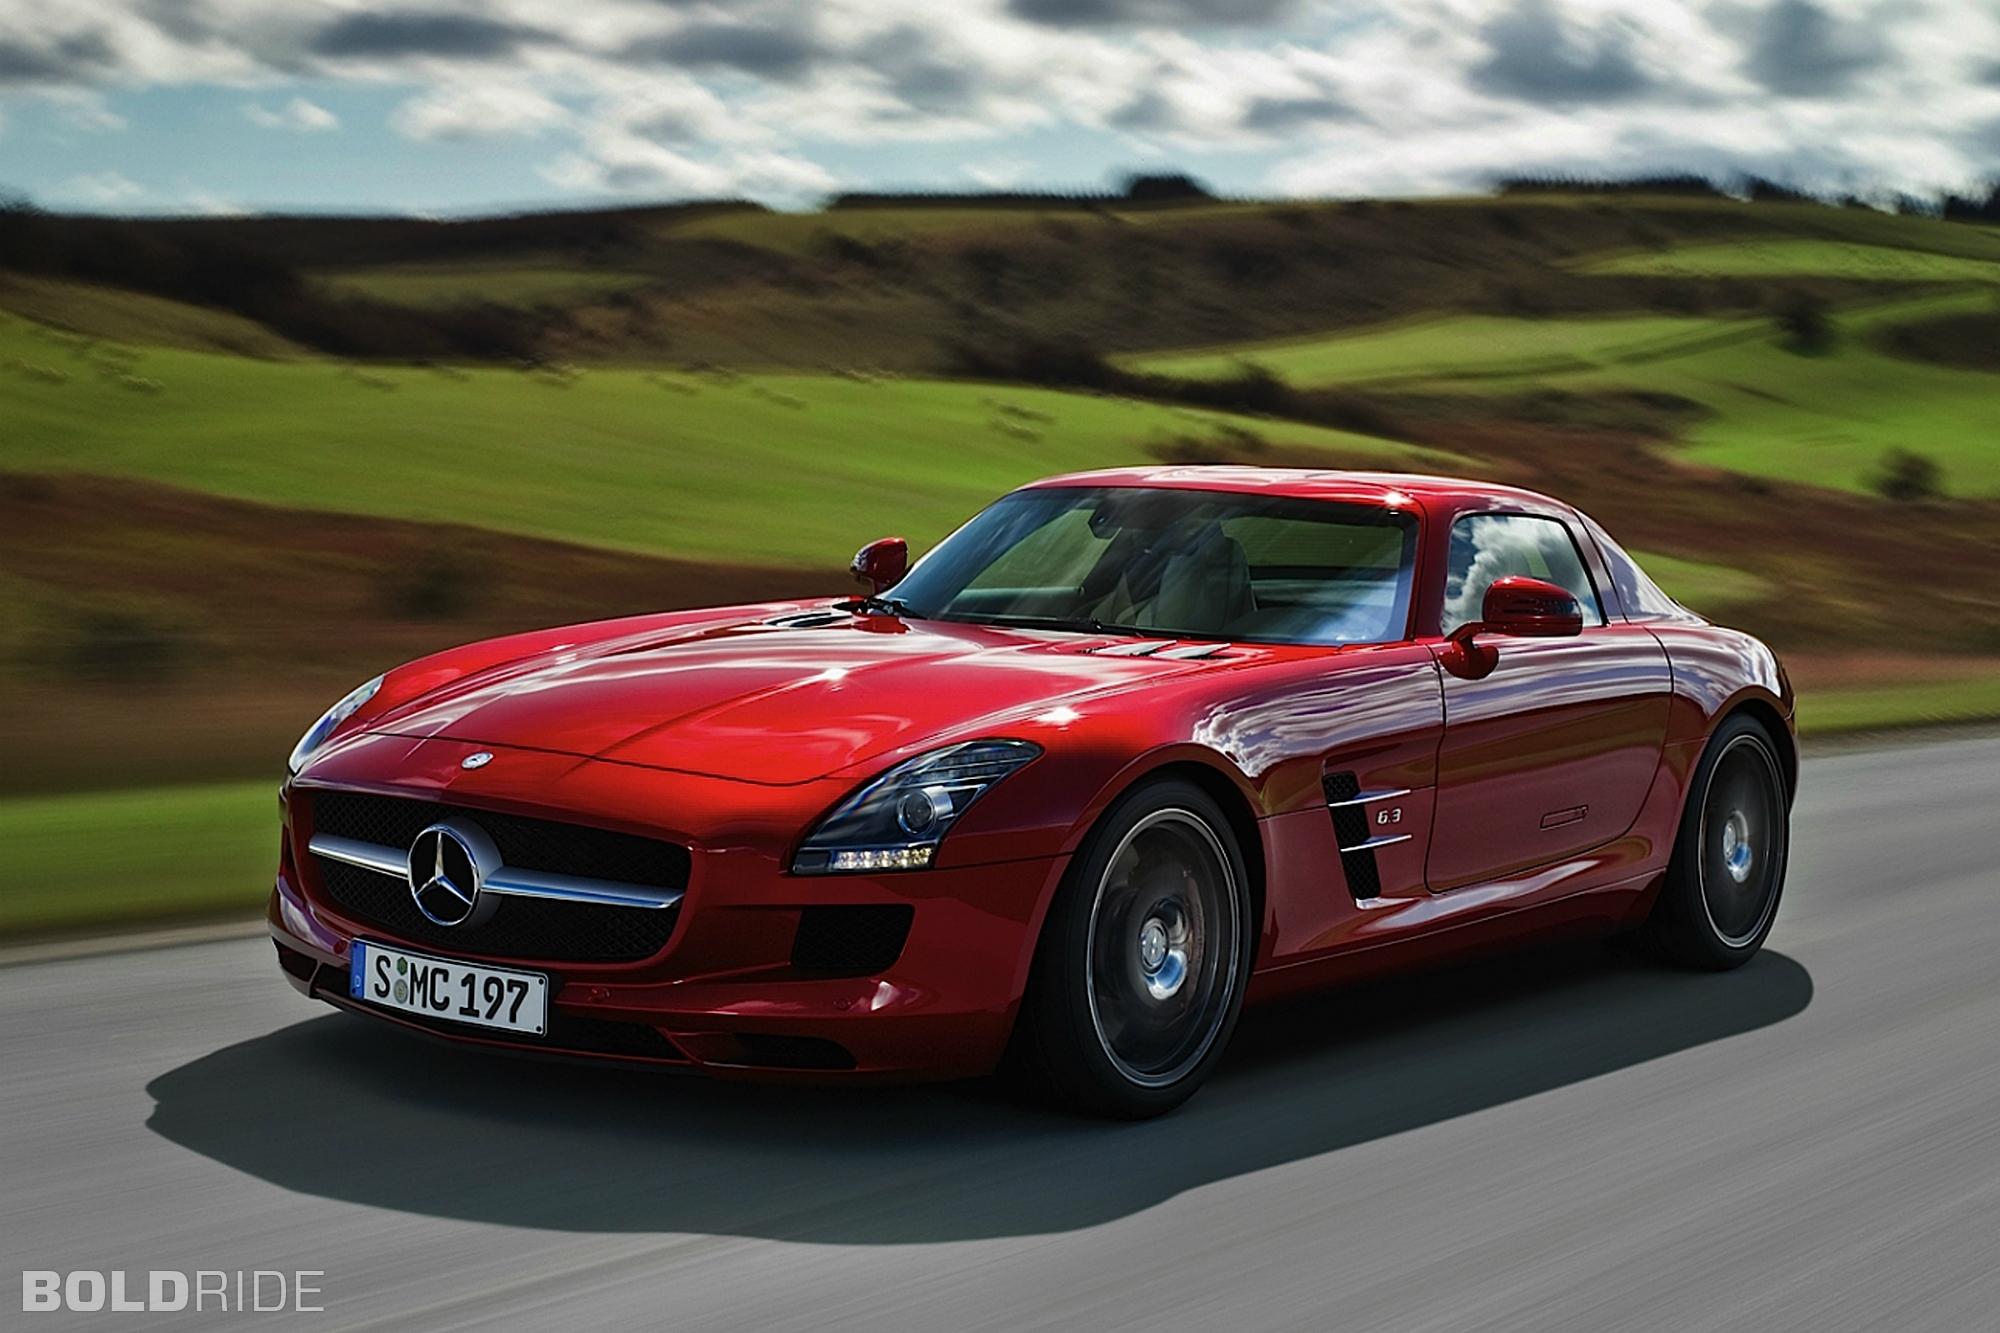 2011 Mercedes Benz Sls Amg Image 12